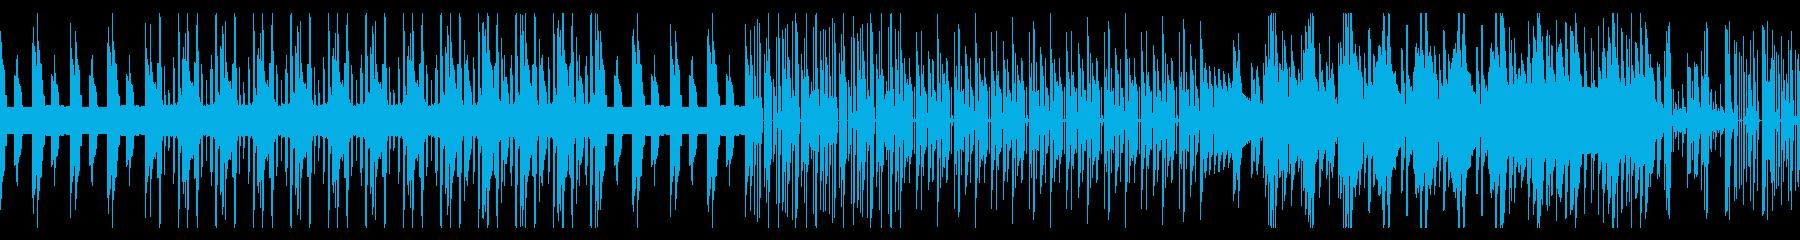 陰鬱な8ビットのループの再生済みの波形